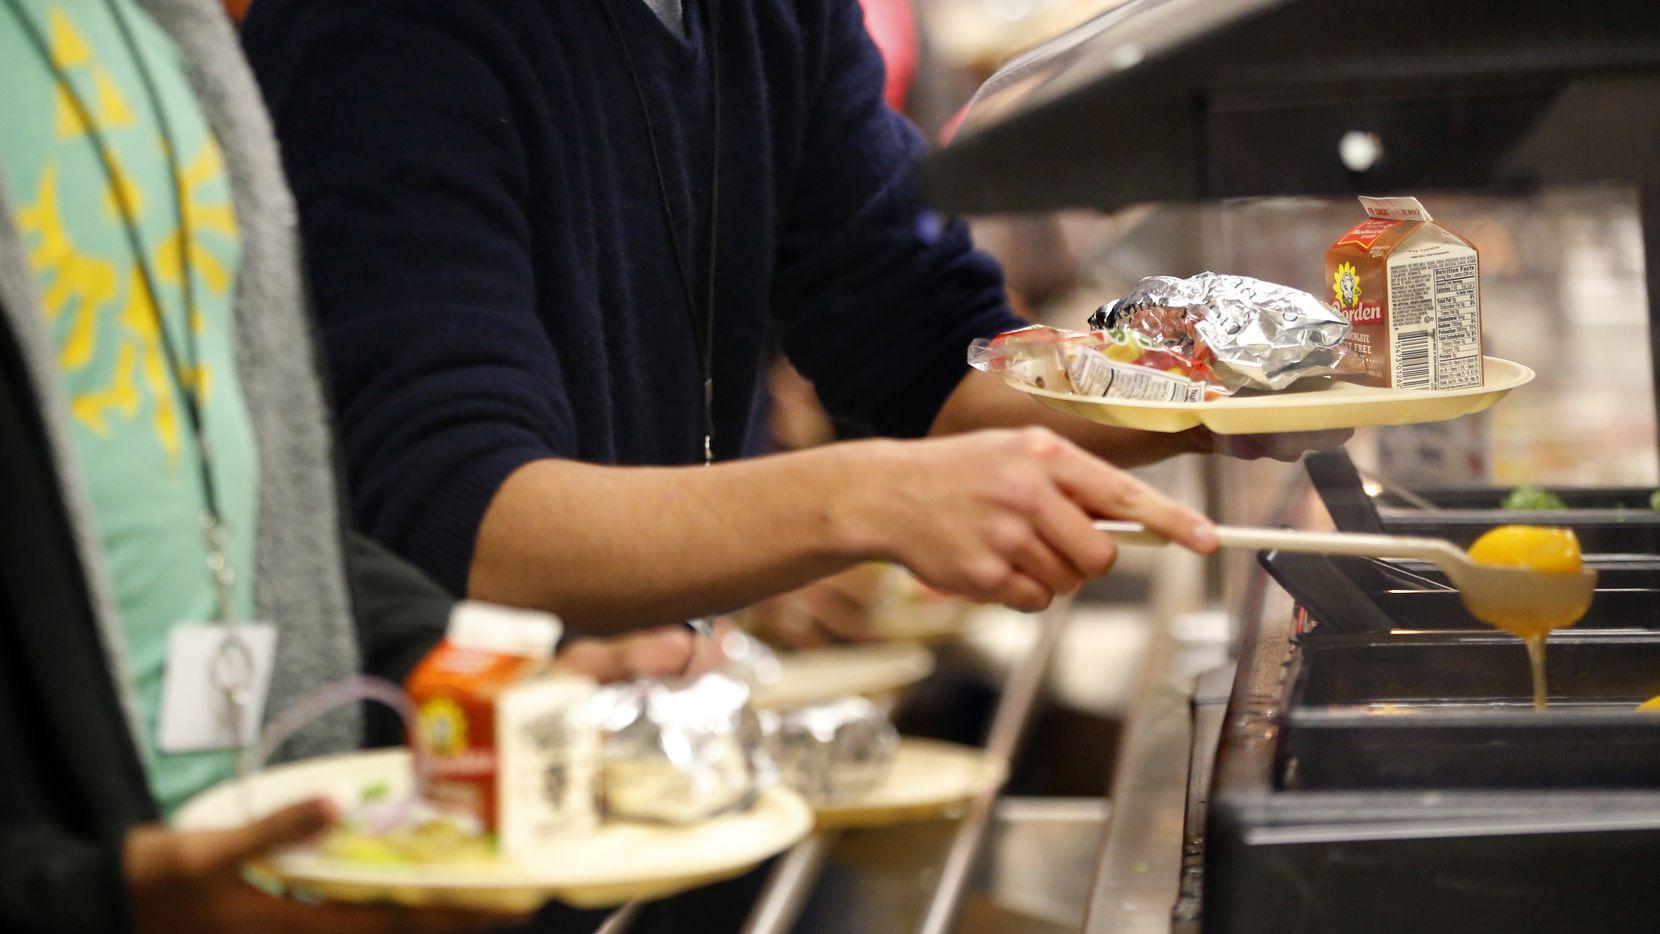 El DISD sufre la escasez de materias primas como pollo, carne, pasta, espagueti, avena, pan o hasta productos de papel, como platos y servilletas, para preparar y servir los menús en las escuelas de Dallas.